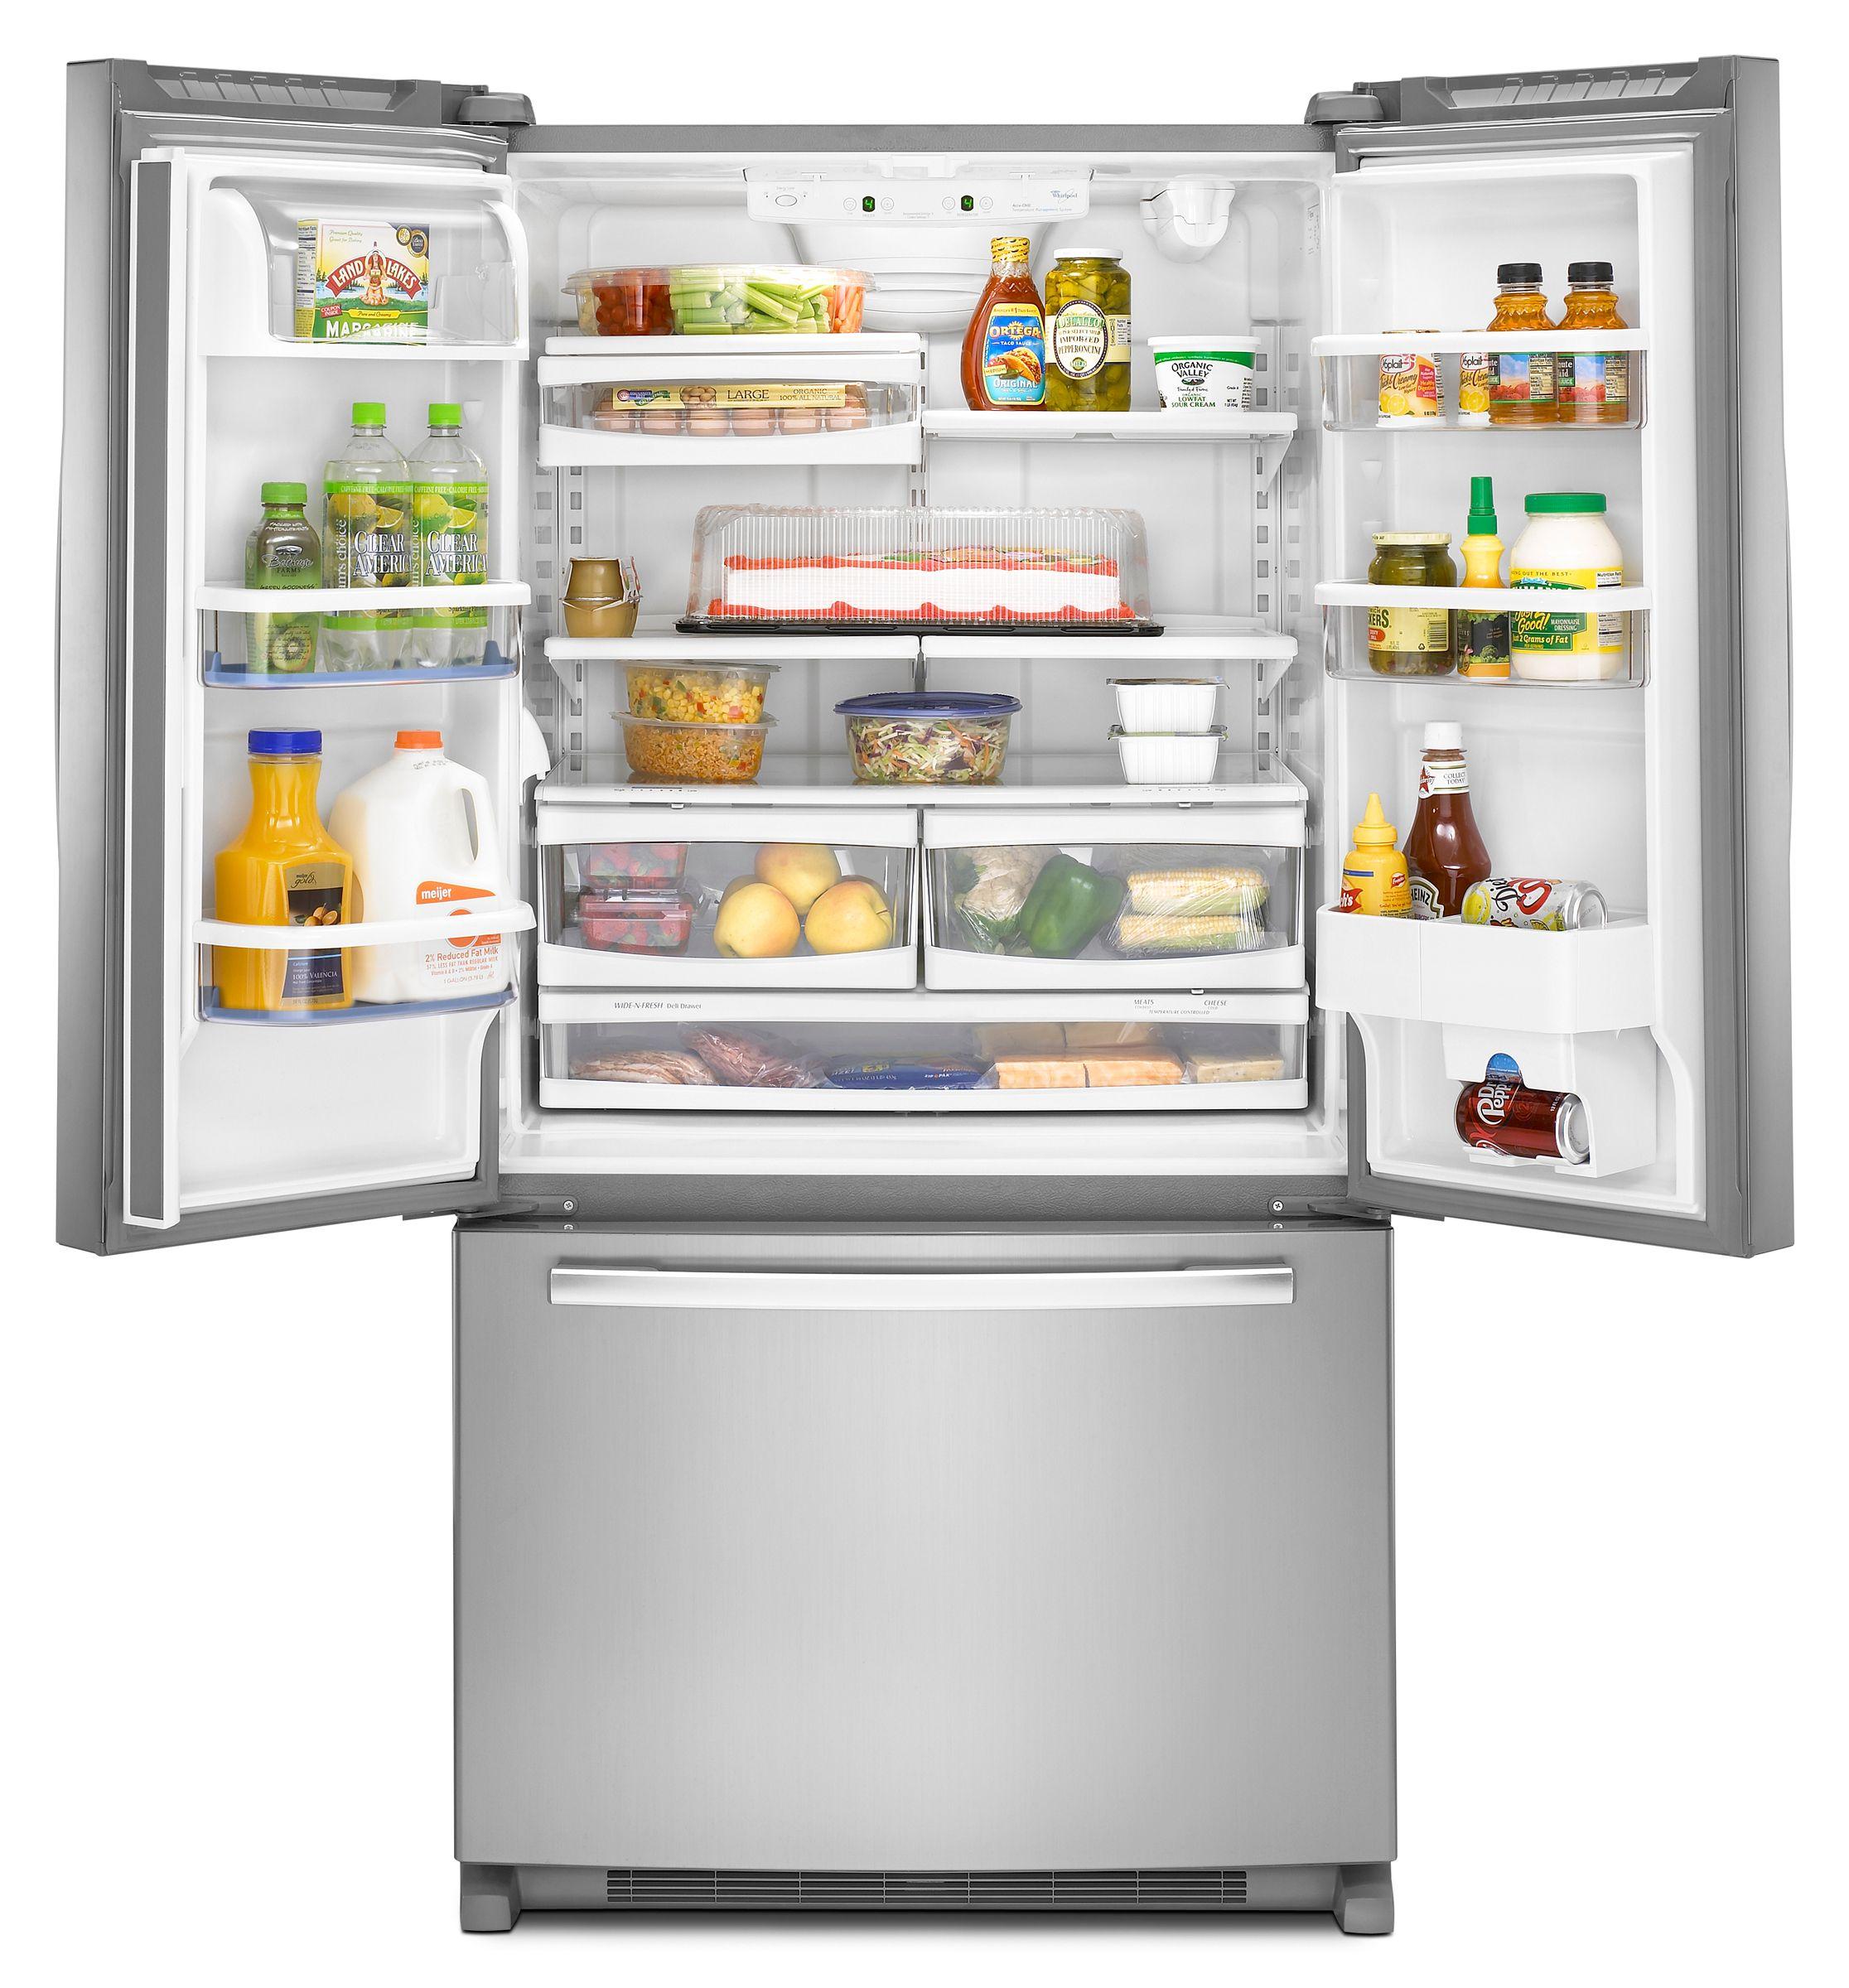 Whirlpool 24.8 cu. ft. French Door Bottom Freezer Refrigerator w/ Contour Doors